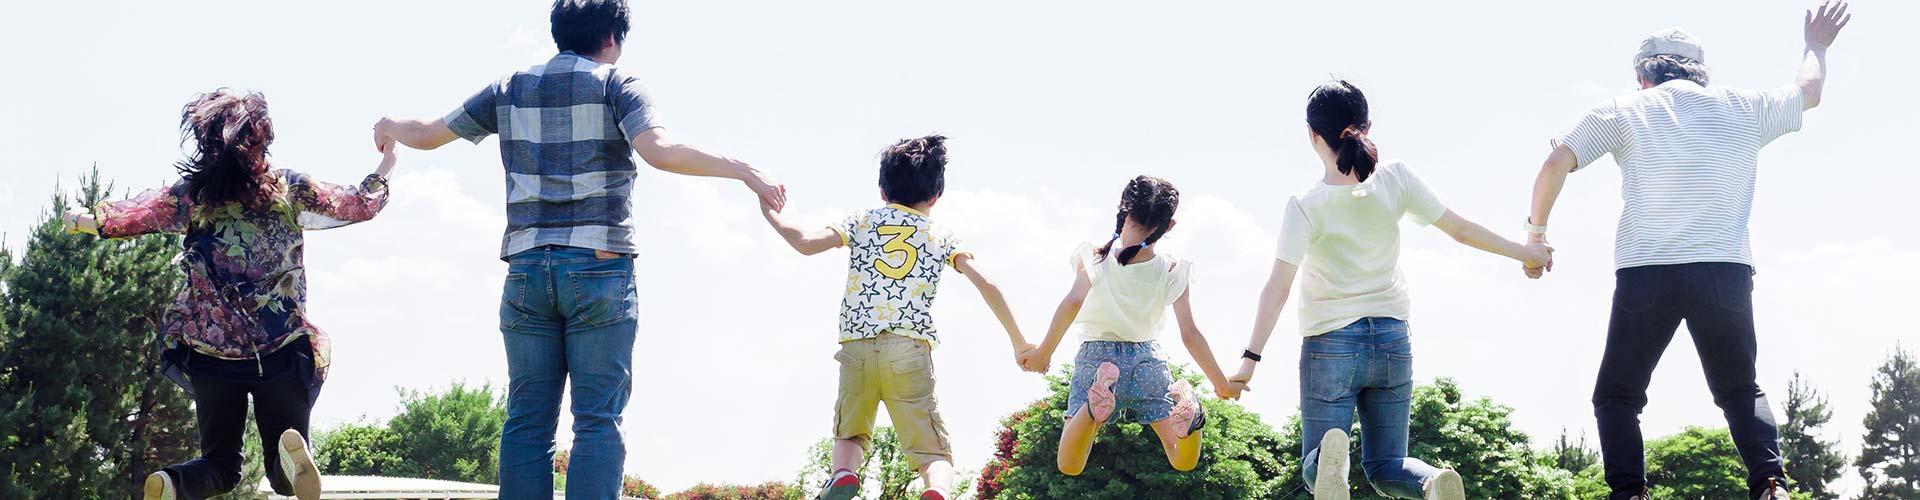 子育てを地域で支える「ファミサポ」ってどんなもの? ~ながくてファミリー・サポート登録講習会レポート~